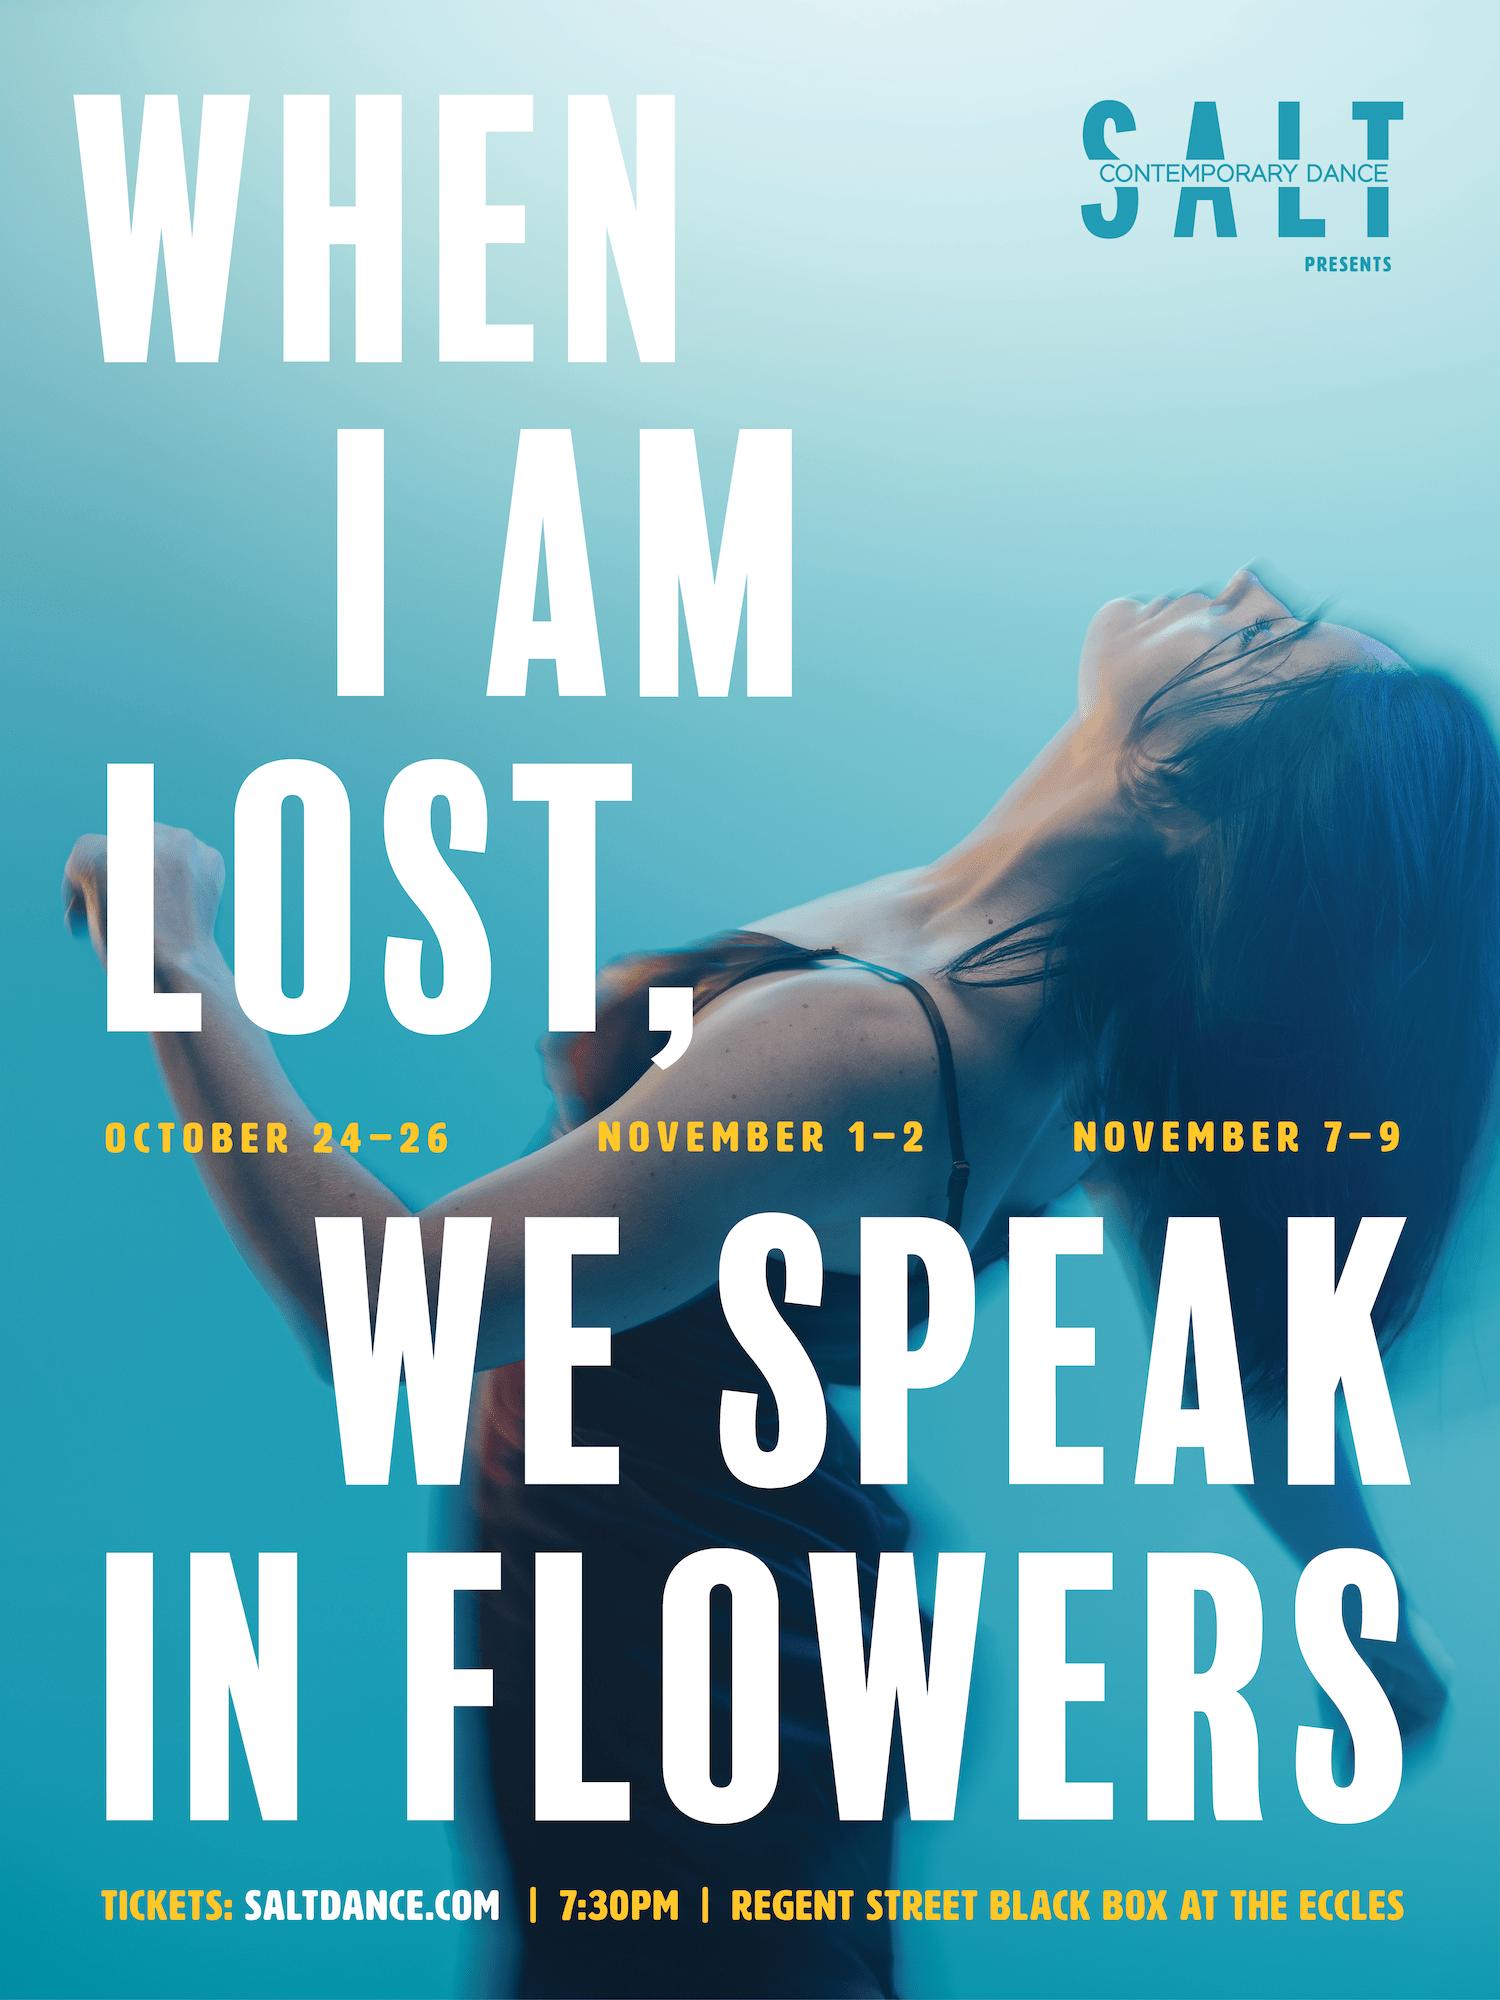 i-speak-in-flowers